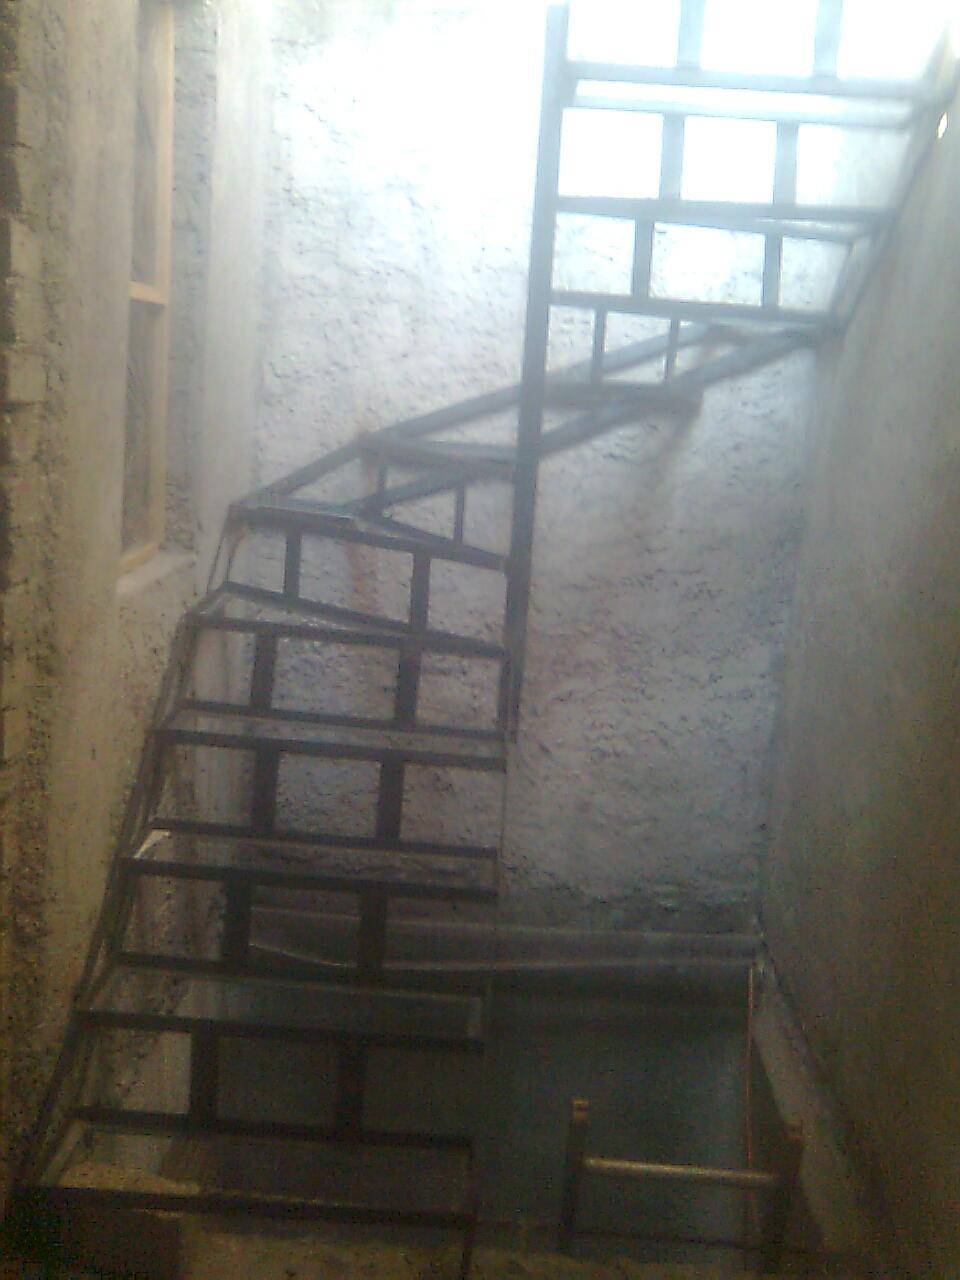 Taller de herreria y aluminio decretos escaleras for Formas de escaleras